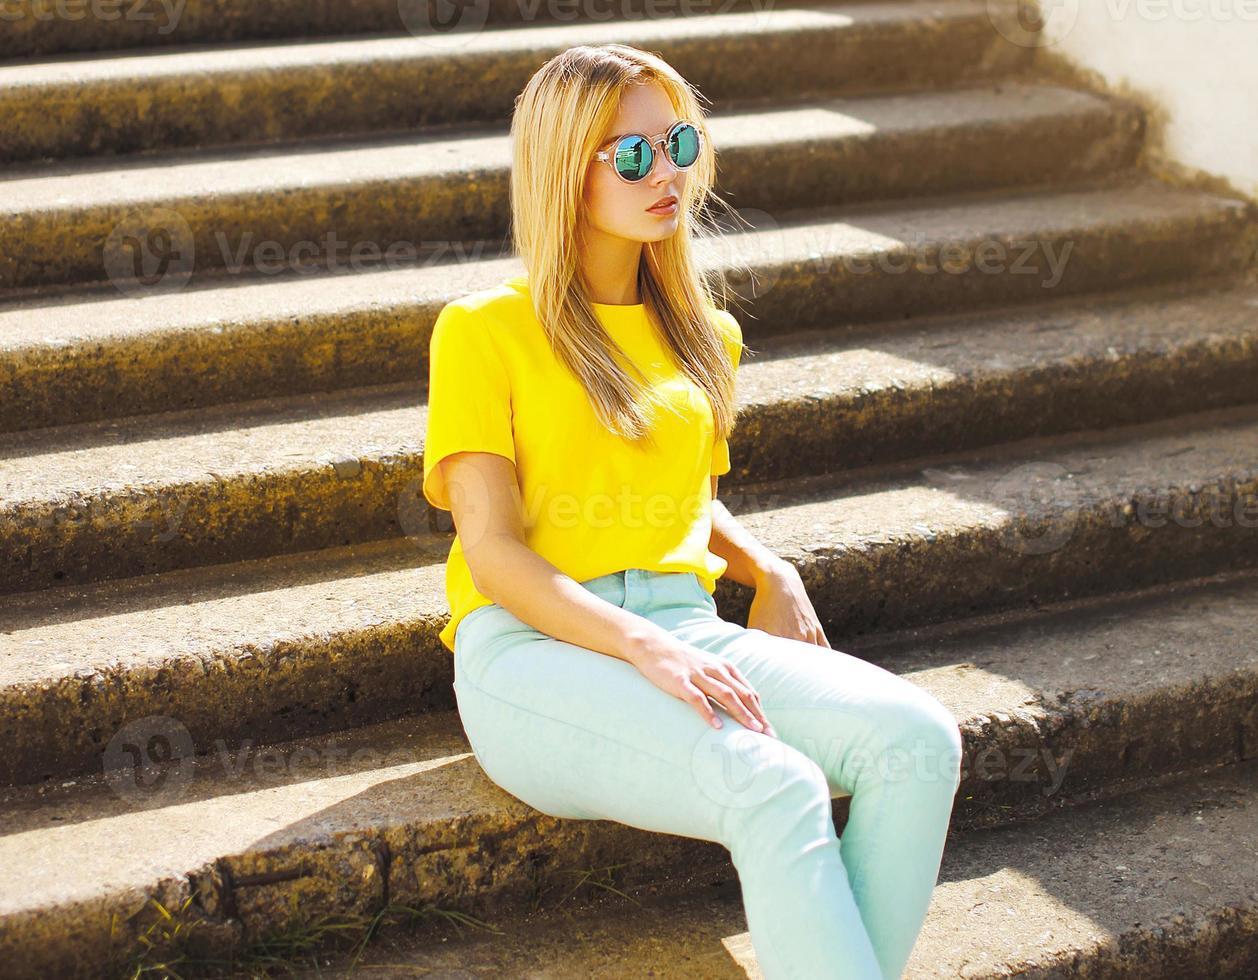 sommar-, mode- och folkbegrepp - snygg vacker kvinna foto